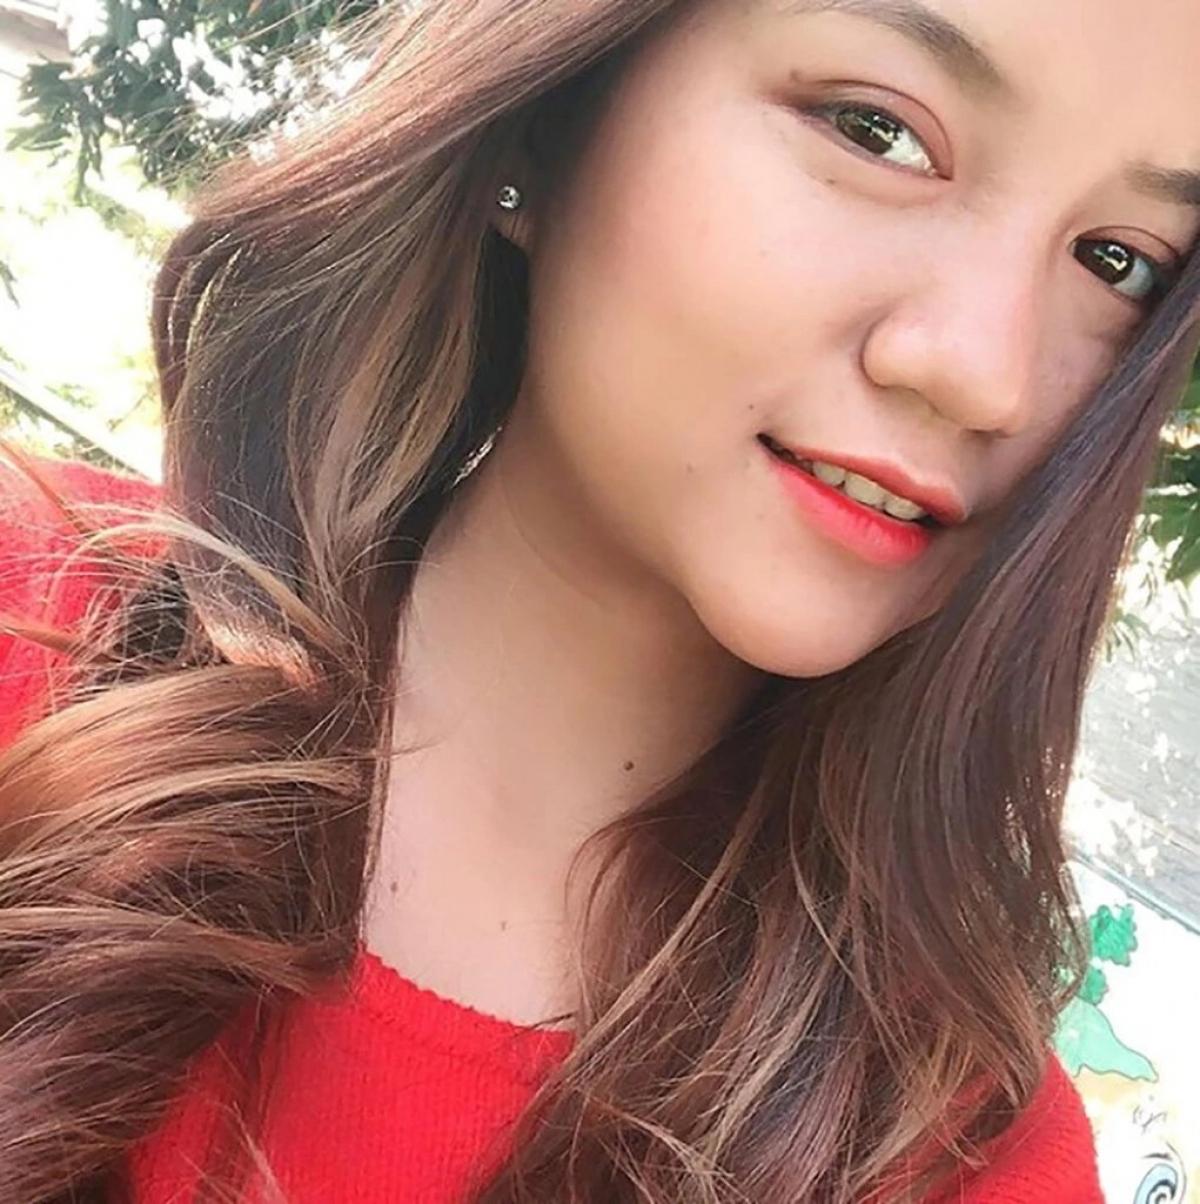 Chân dung Kyal Sin – một nữ sinh Myanmar trẻ trung, năng động. Ảnh: Instagram.